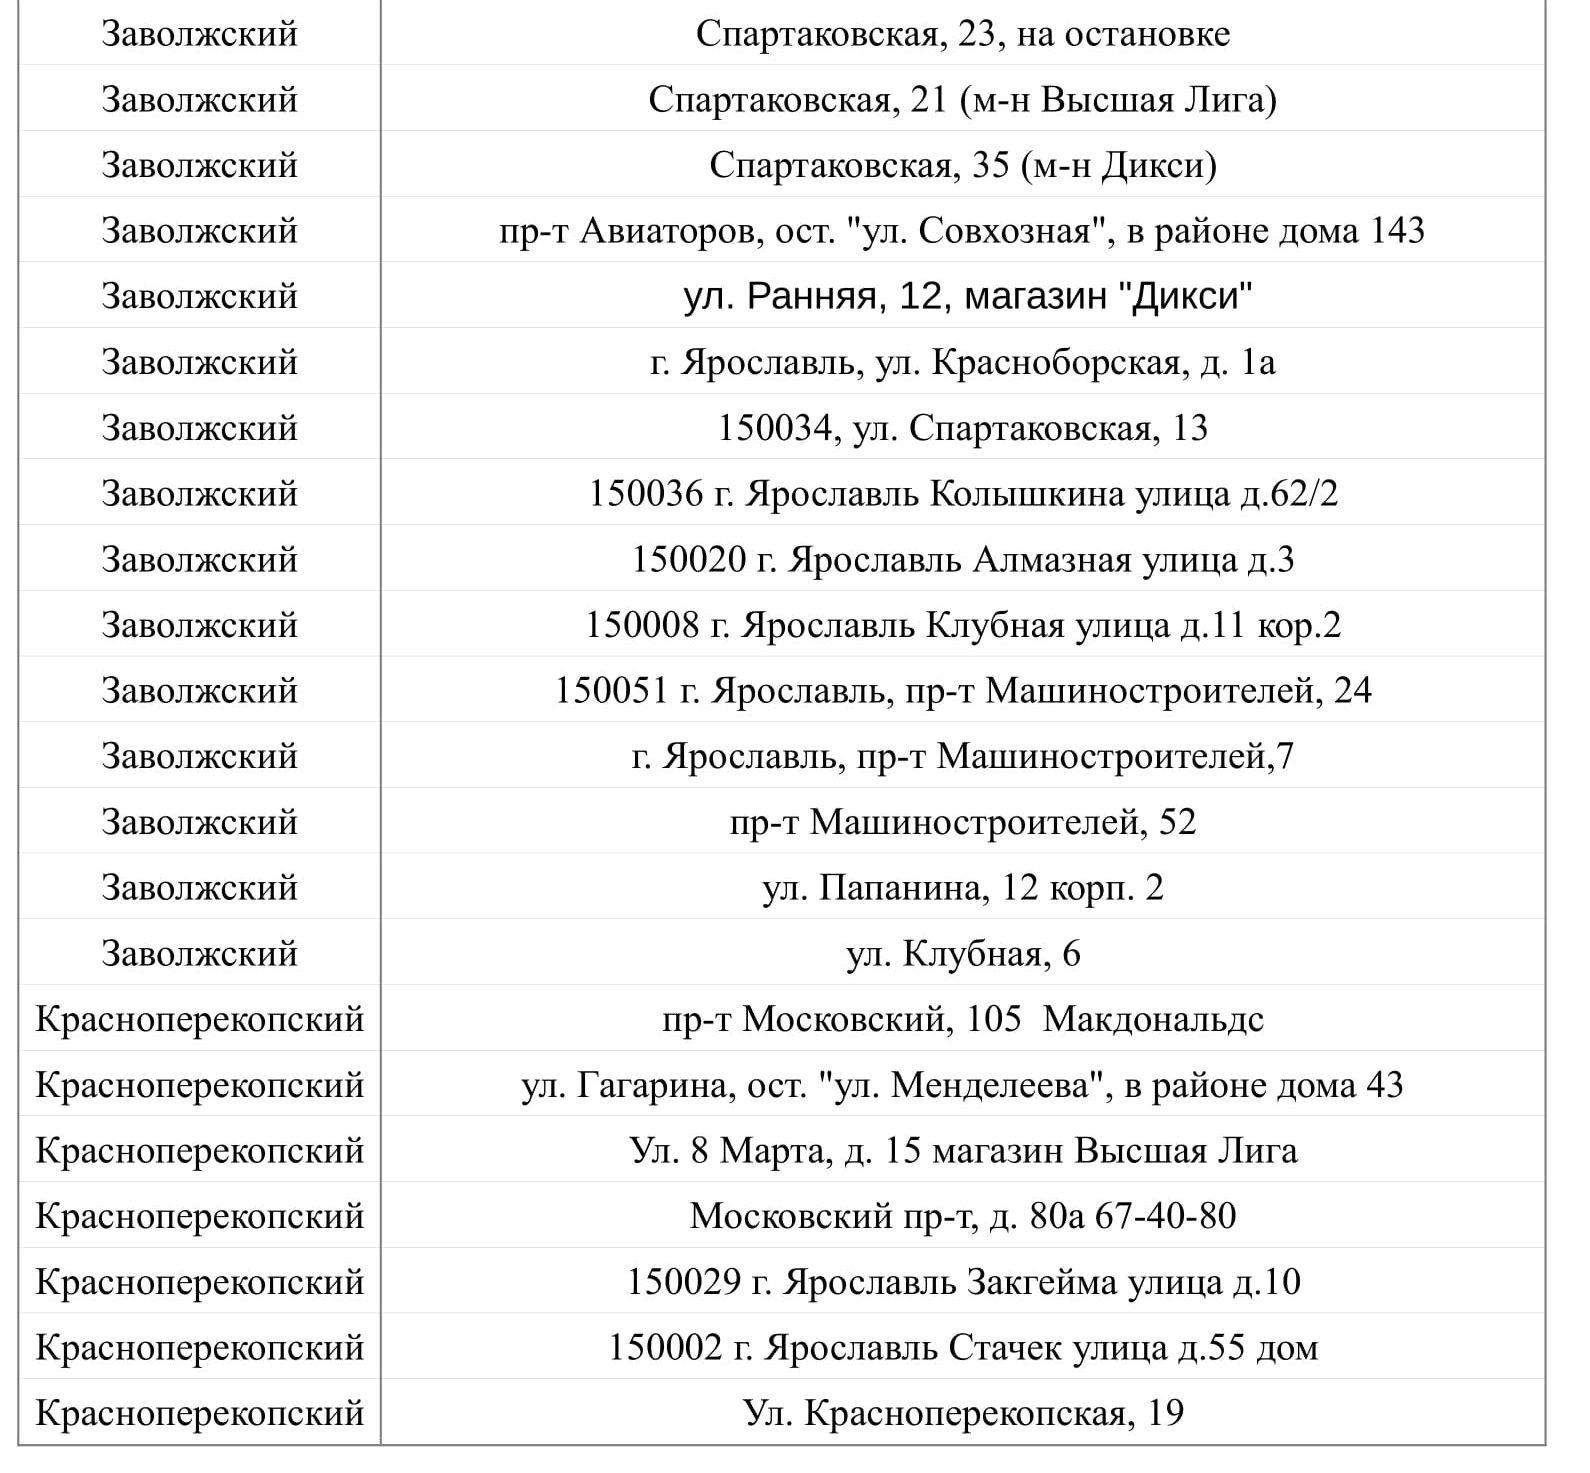 Список адресов №3